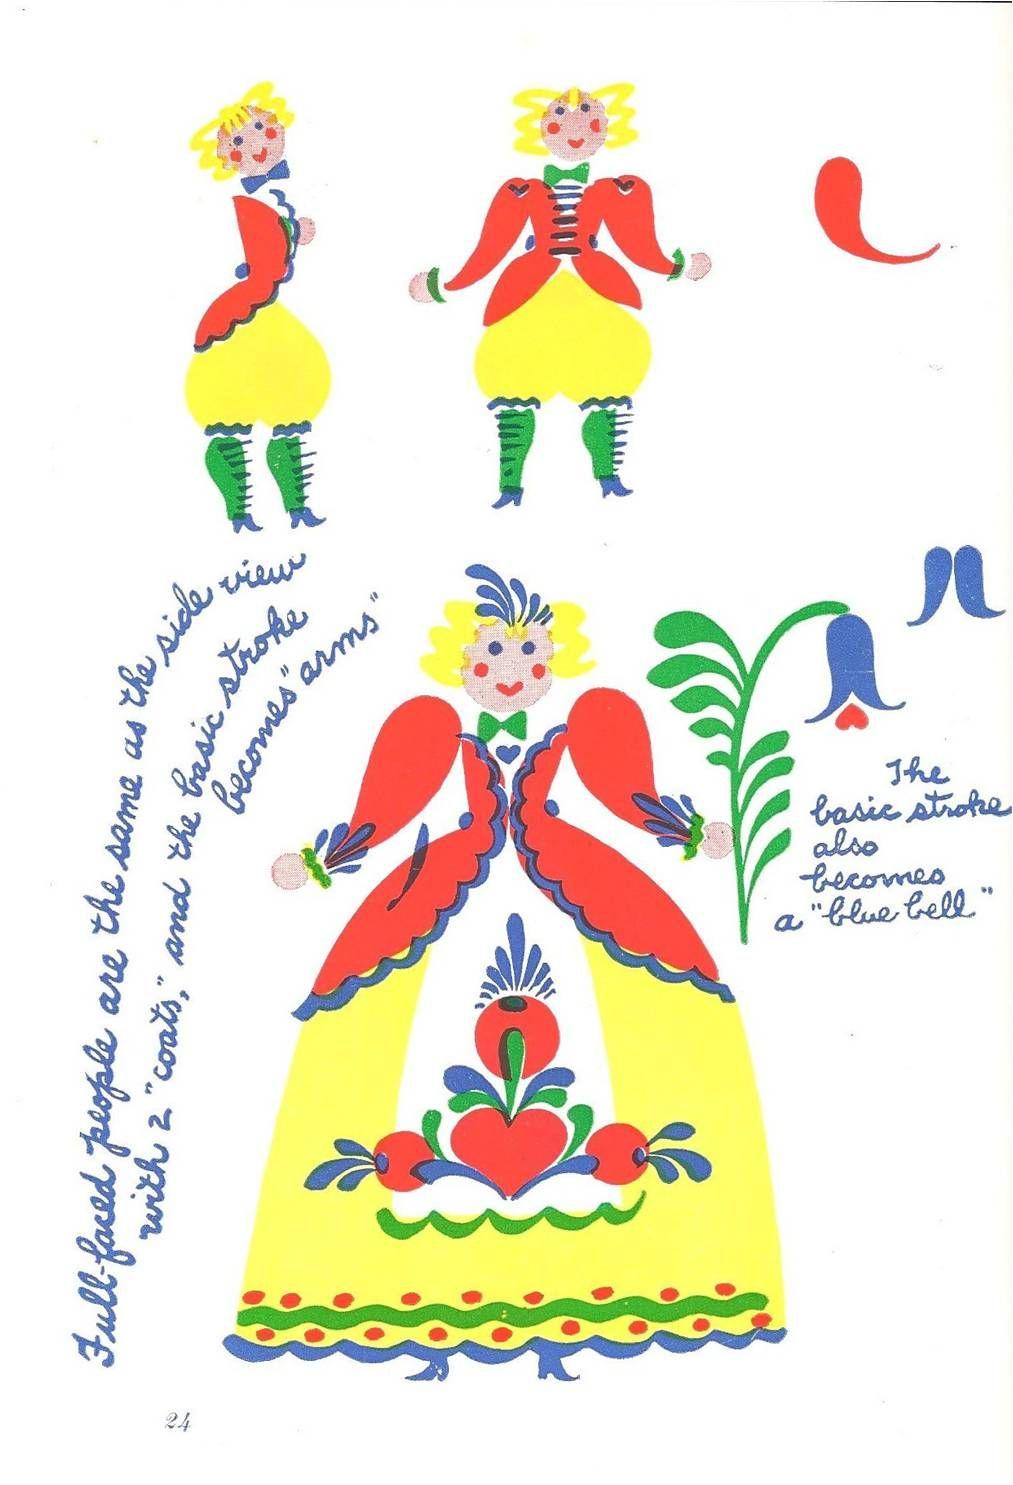 ~Gingerbread Cottage: Peter Hunt Inspiration~